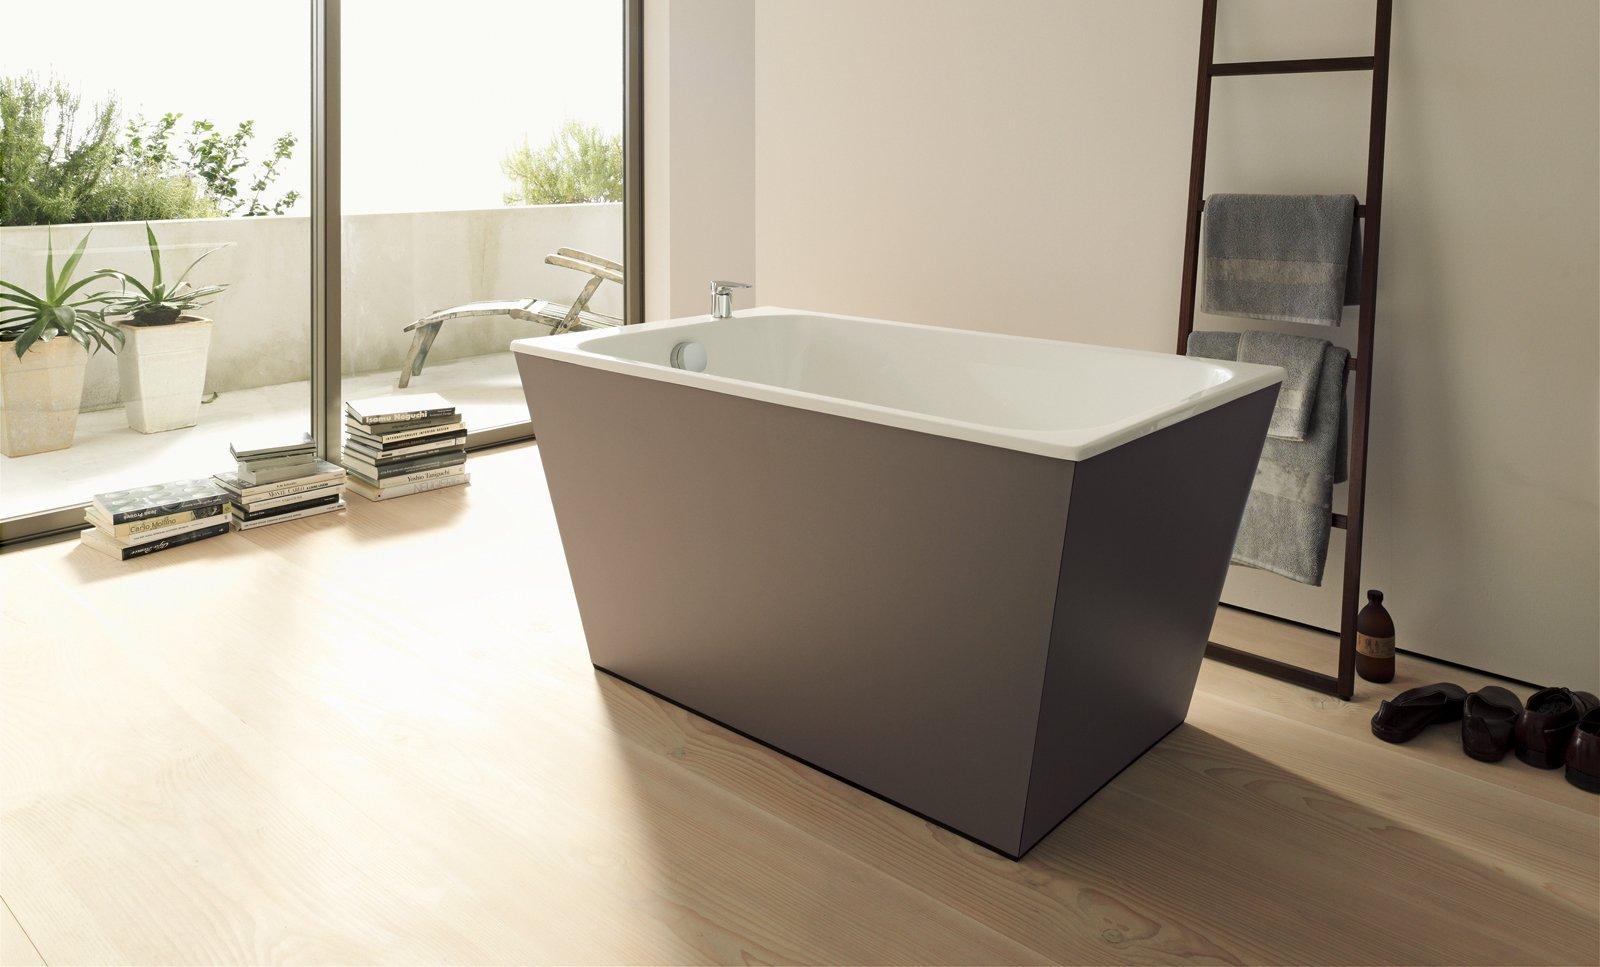 Vasca Da Bagno Piccole Dimensioni 120 : Vasche da bagno piccole cose di casa